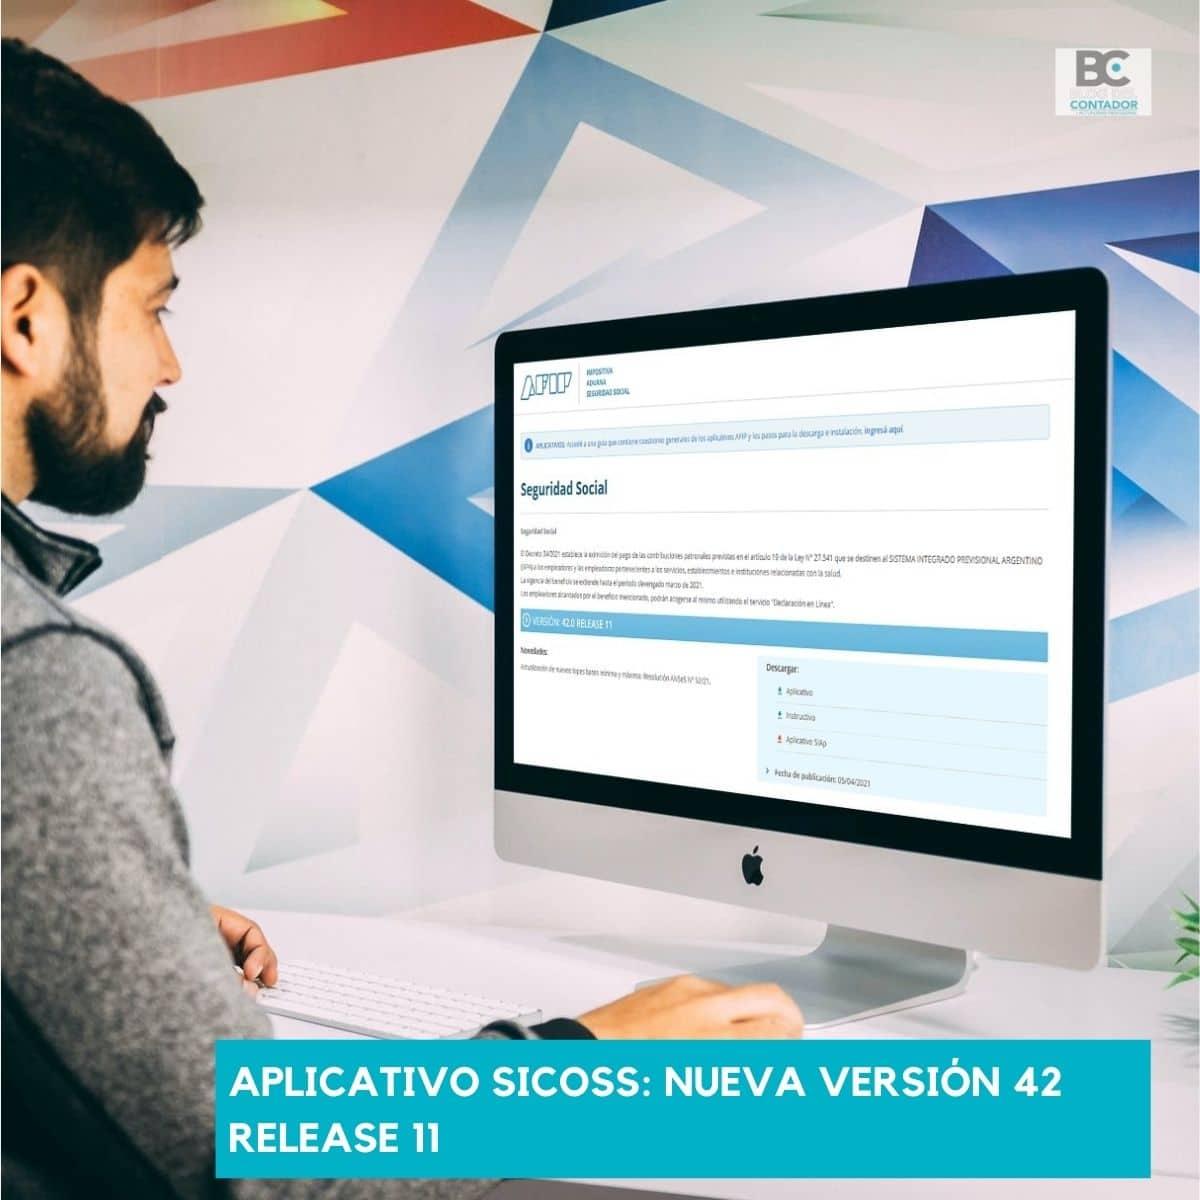 Aplicativo SICOSS_ nueva versión 42 release 11